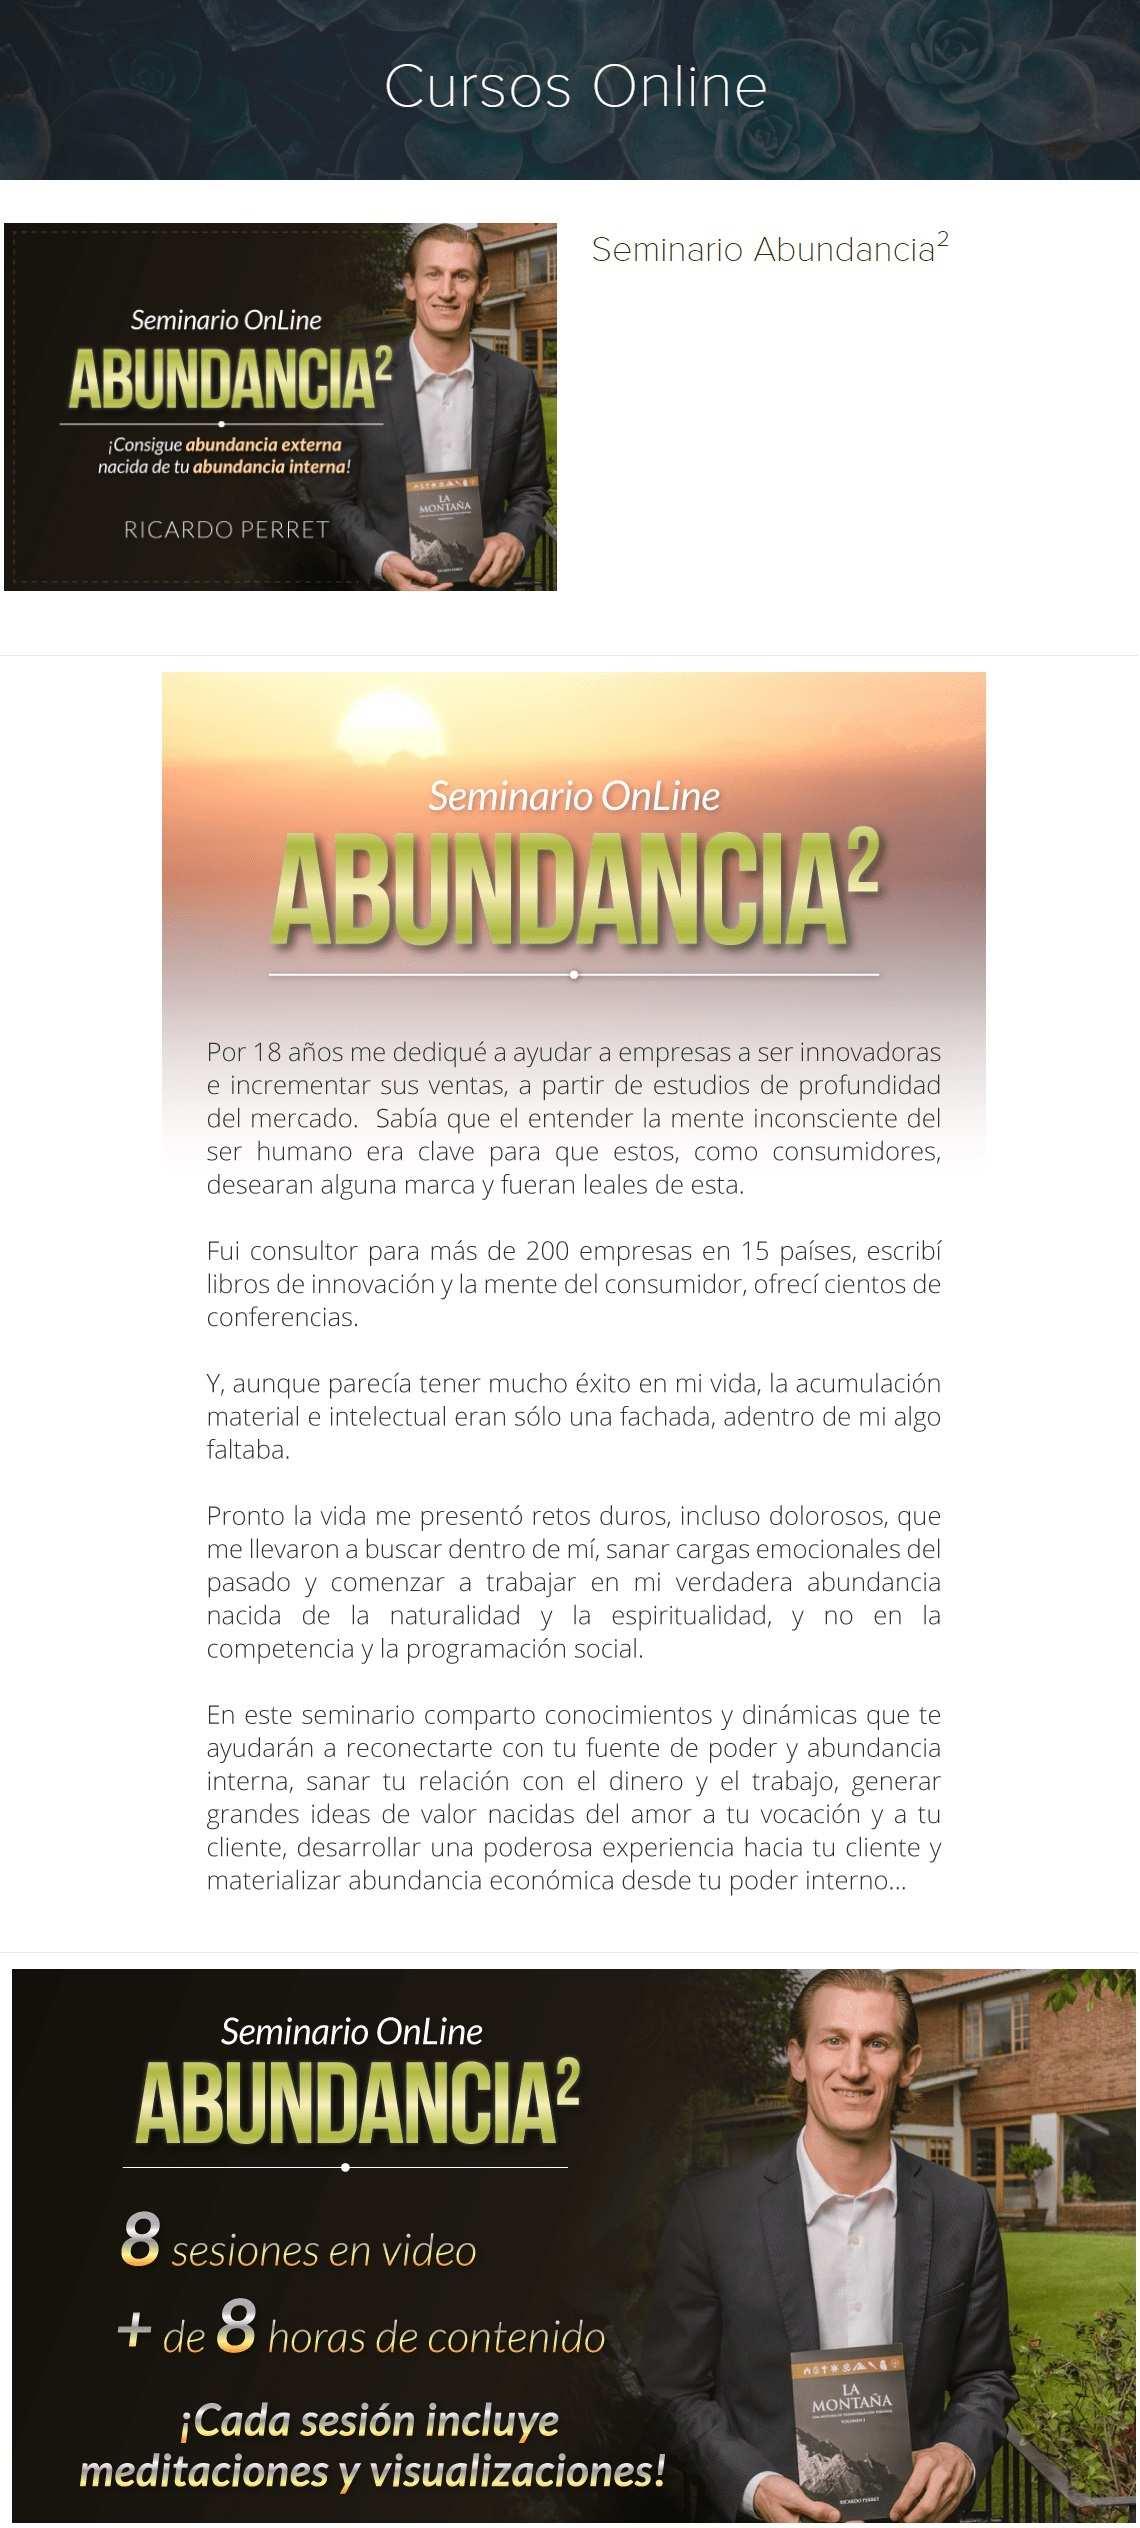 Seminario Abundancia al Cuadrado - Ricardo Perret. ¡Consigue Abundancia externa, nacida de tu abundancia interna!